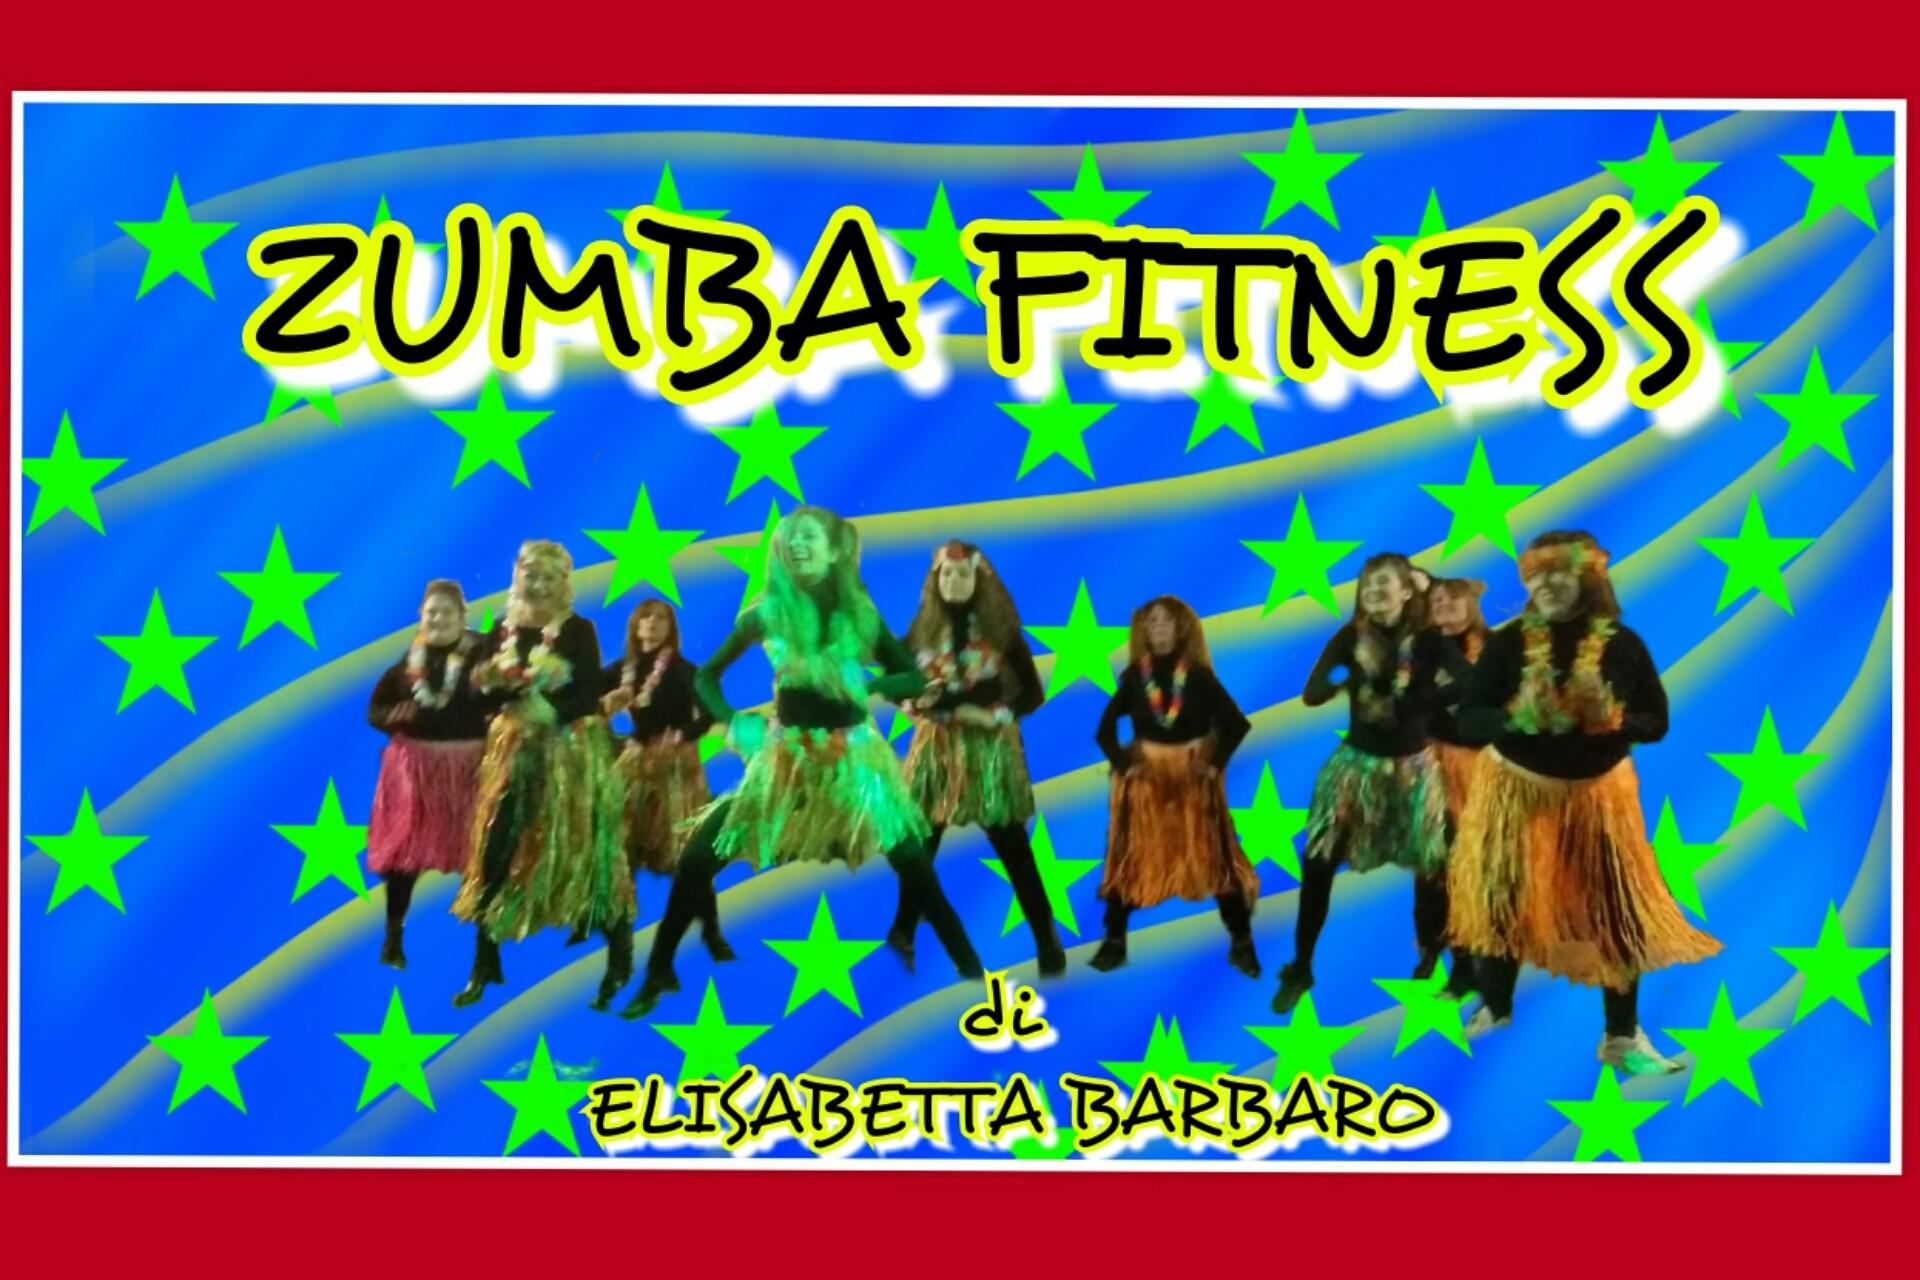 Siete pronte per il Giovedì dedicato alla... ♢♢♢ZUMBA FITNESS♢♢♢ Zumba Fitness aiuta il vostro corpo a tornare alla forma che tanto desiderate sempre, però, con l'aiuto di una dieta equilibrata! Un'ora intera di aerobica e latini americani, mirata al dimagrimento, alla tonificazione e al DIVERTIMENTO!!! Se volete scoprire i benefici e i risultati di Zumba Fitness vi aspetto Giovedì 4 Dicembre alle ore 18:00 presso l'Associazione Culturale Ossigeno - Via San Biagio, Velletri! NON MANCATE!!!